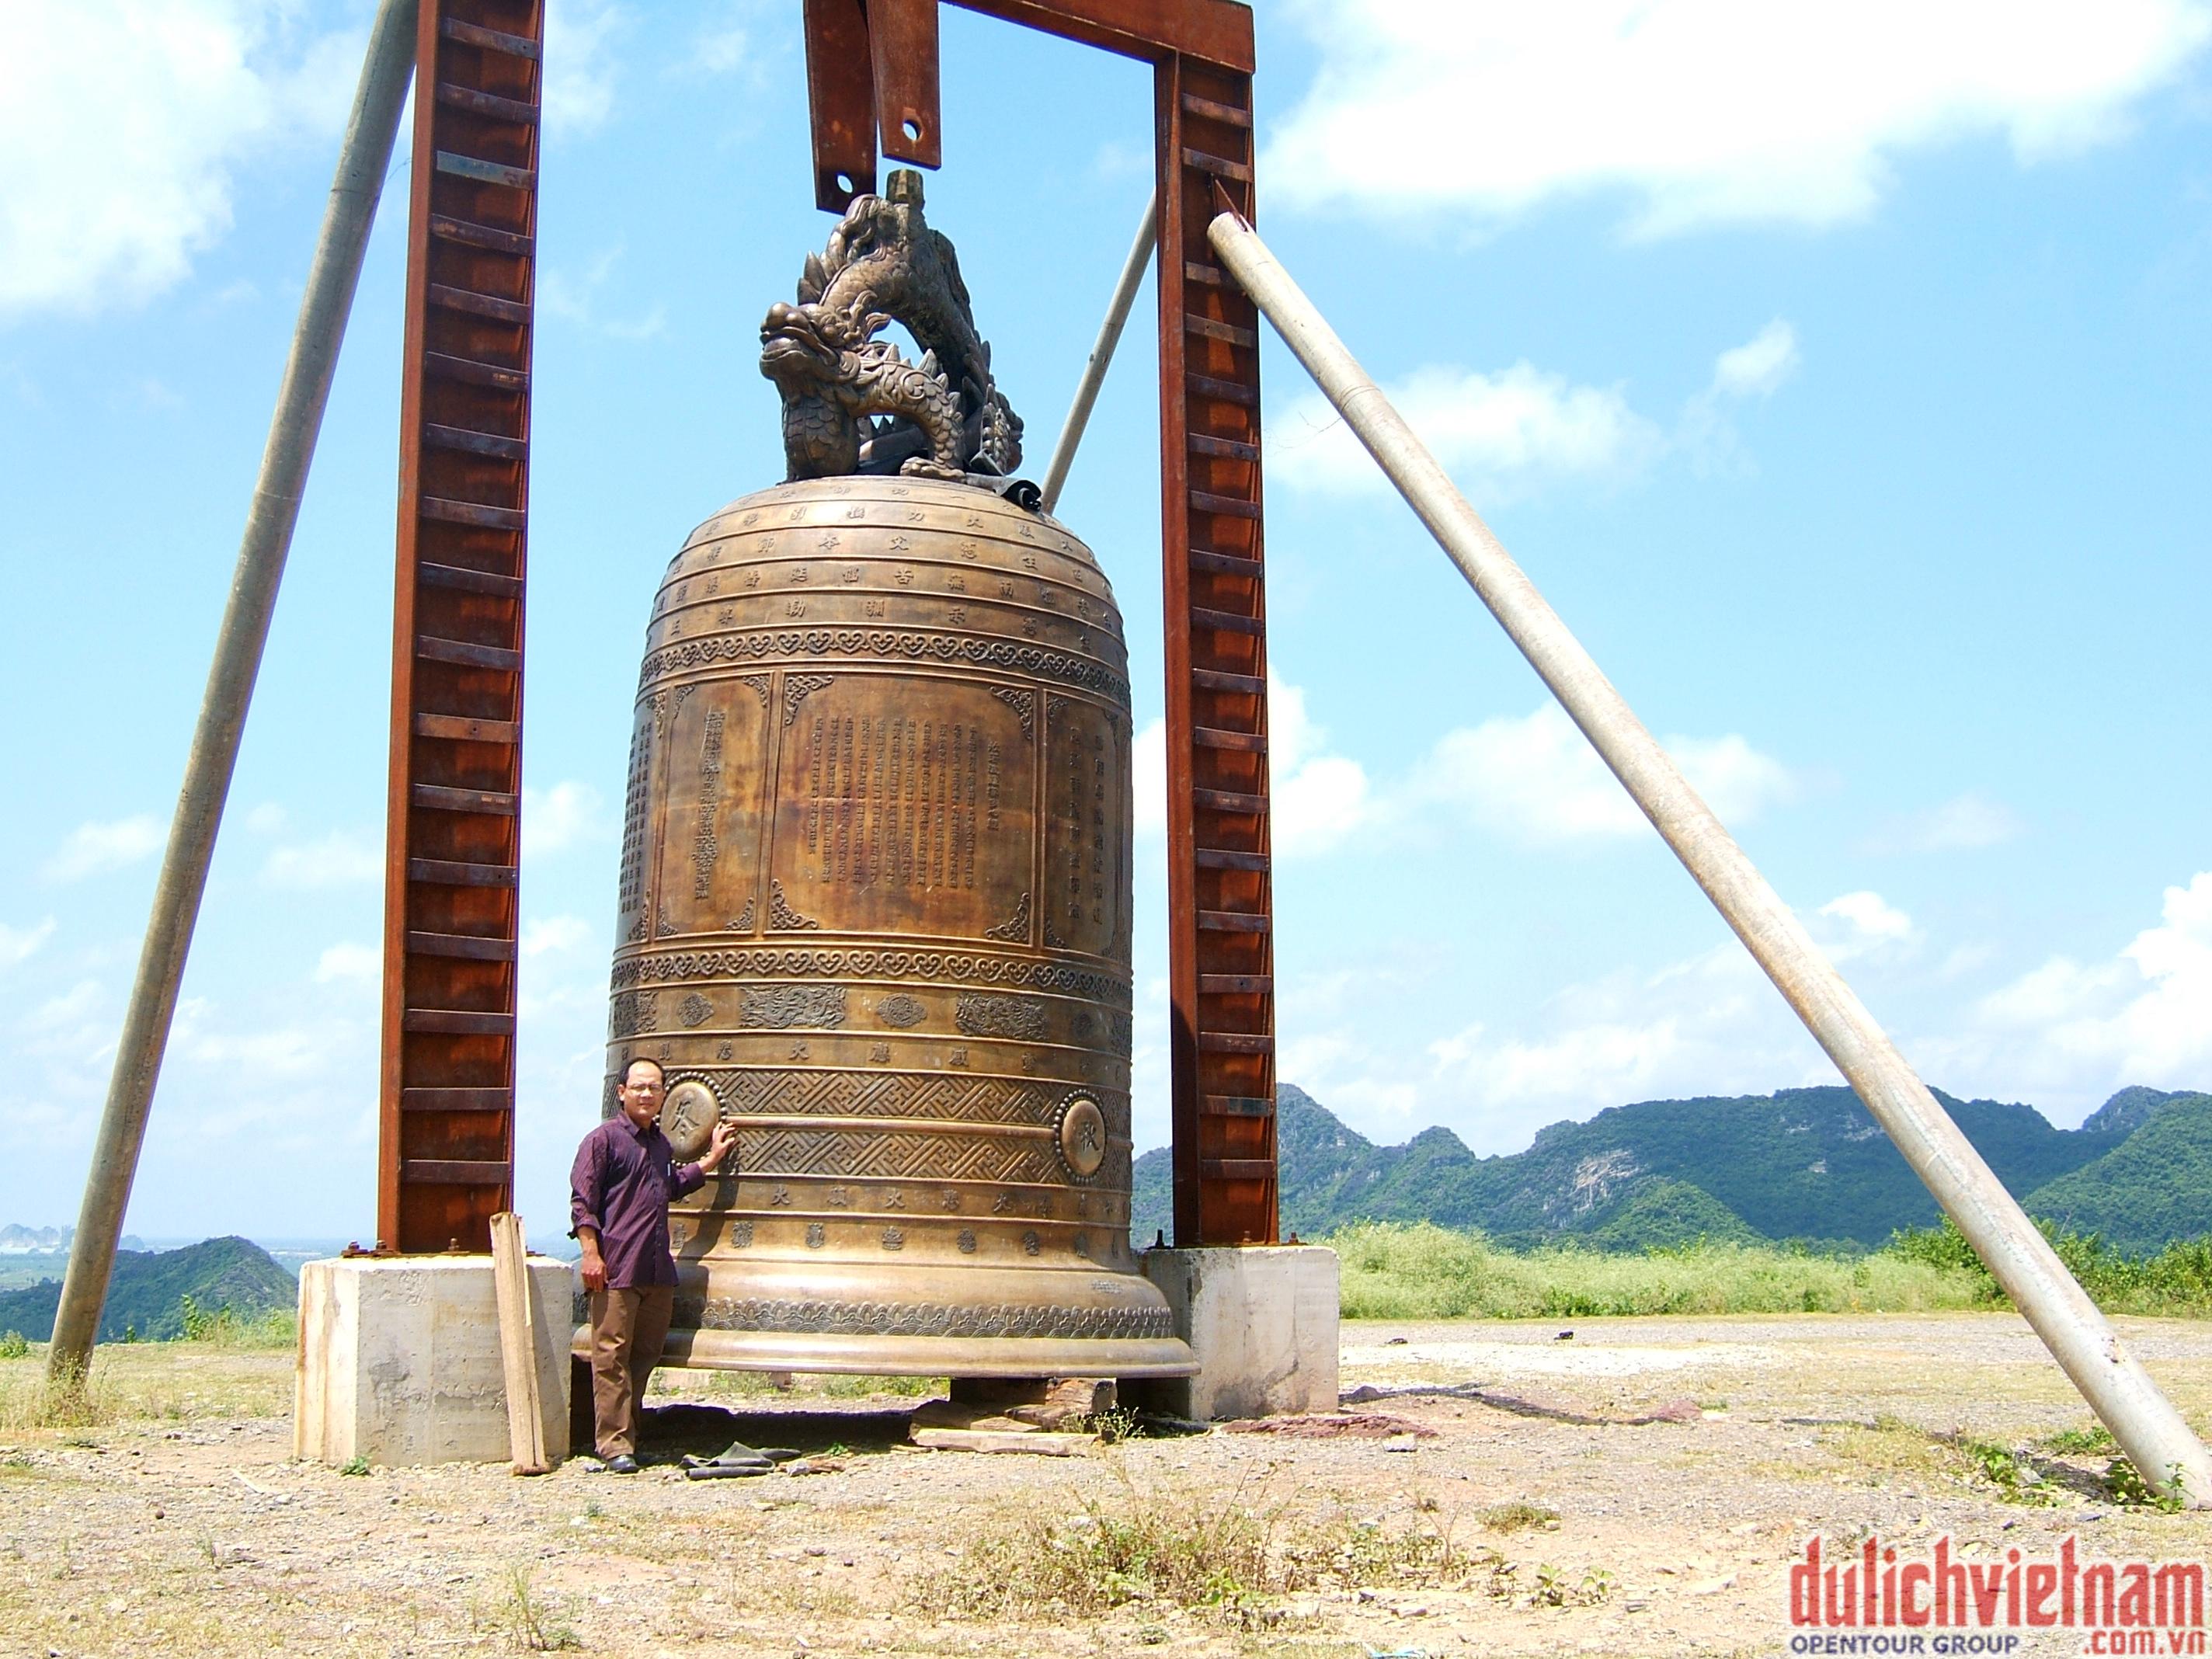 Chiếc chuông đồng khổng lồ nặng 36 tấn